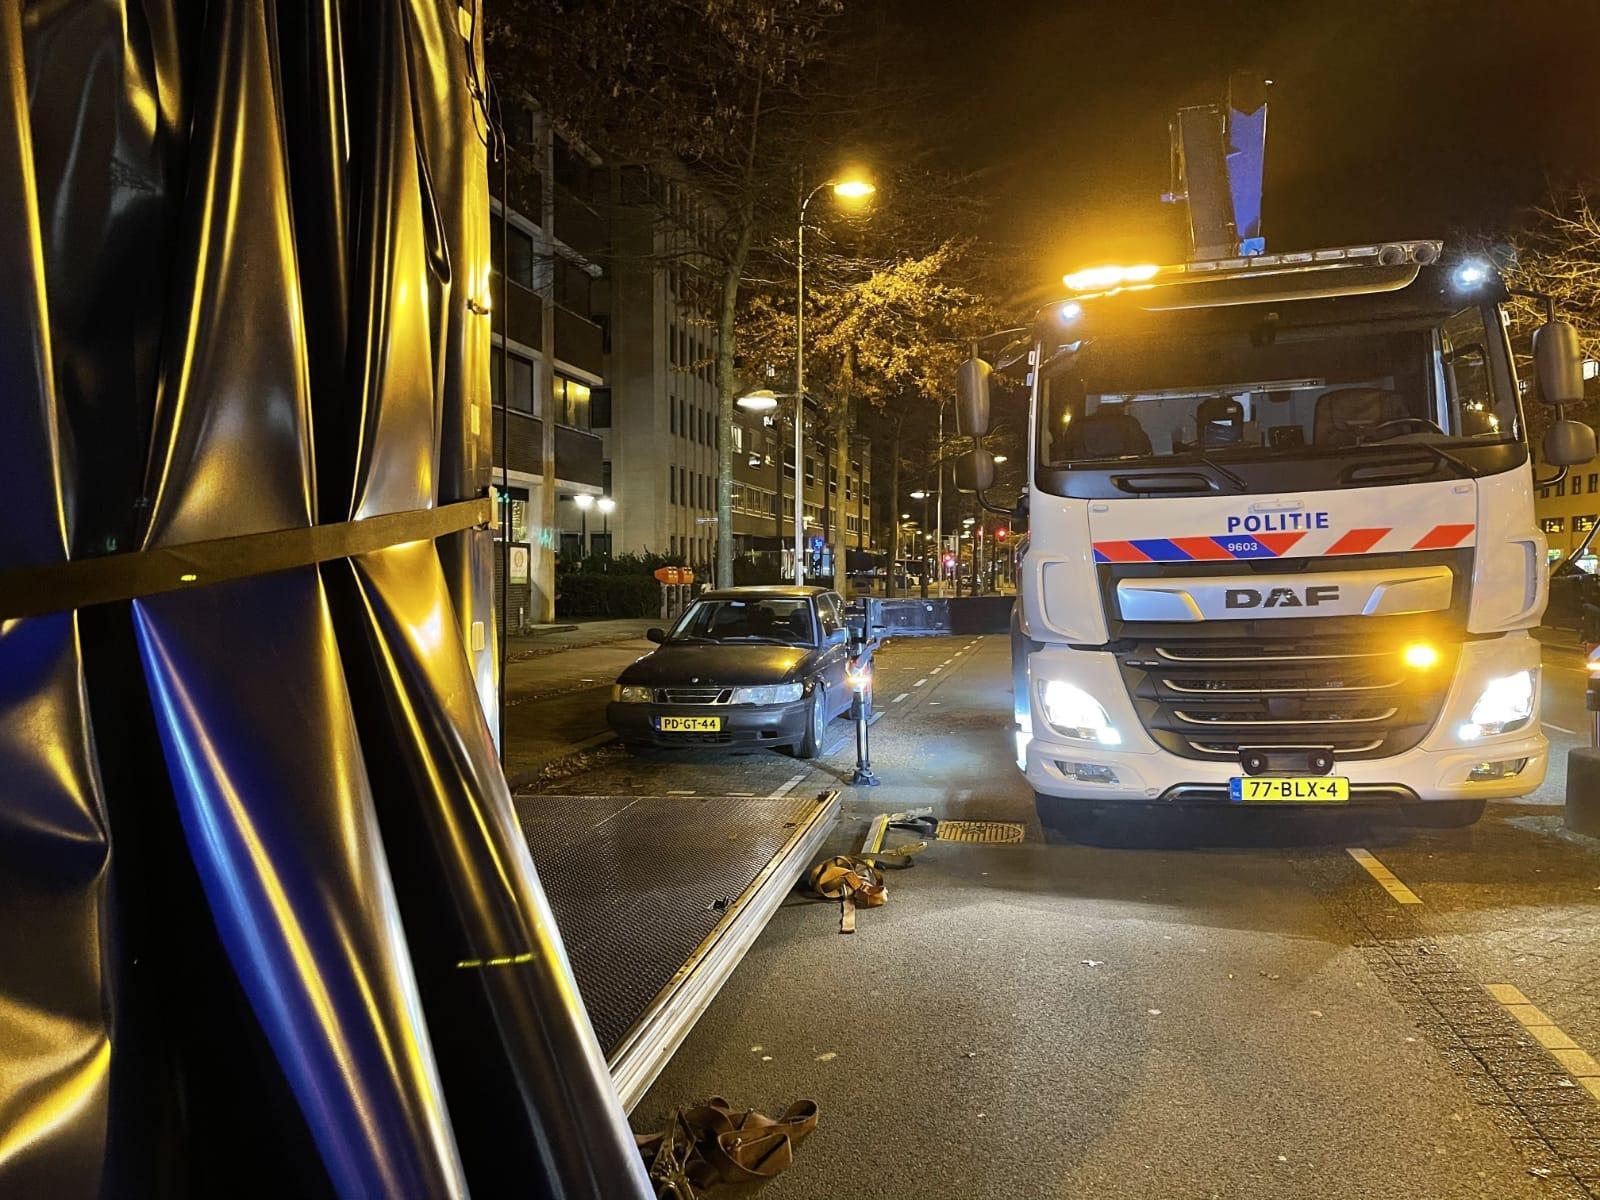 Door misdrijf omgekomen man (74) uit Soest aangetroffen in Amersfoort